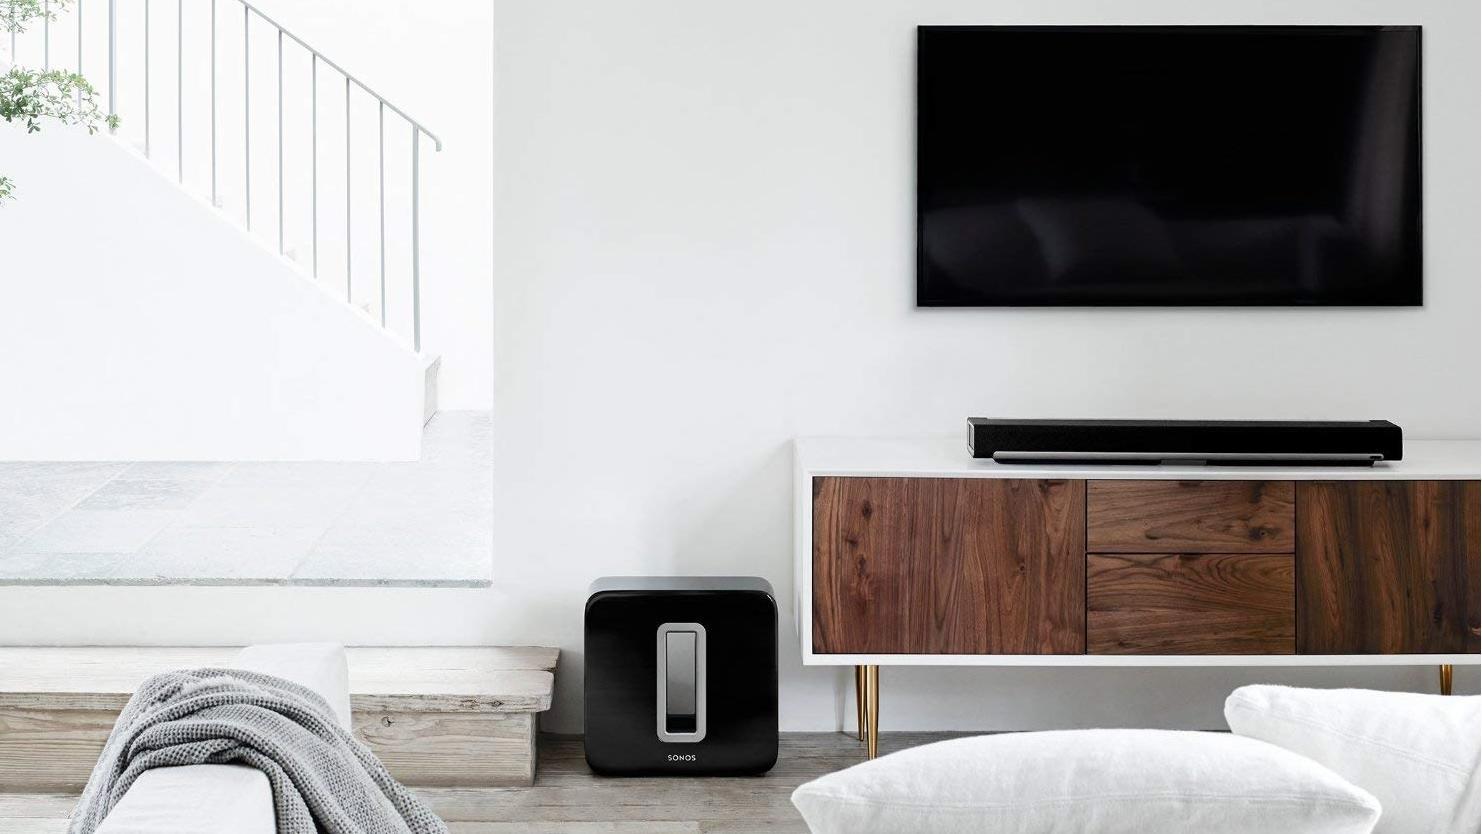 Die meisten Menschen verfügen Zuhause über Stereosound, also ein Lautsprecher links und einer rechts. Eine zusätzliche Soundbar und ein Subwoofer können schon wahre Klangwunder vollbringen.